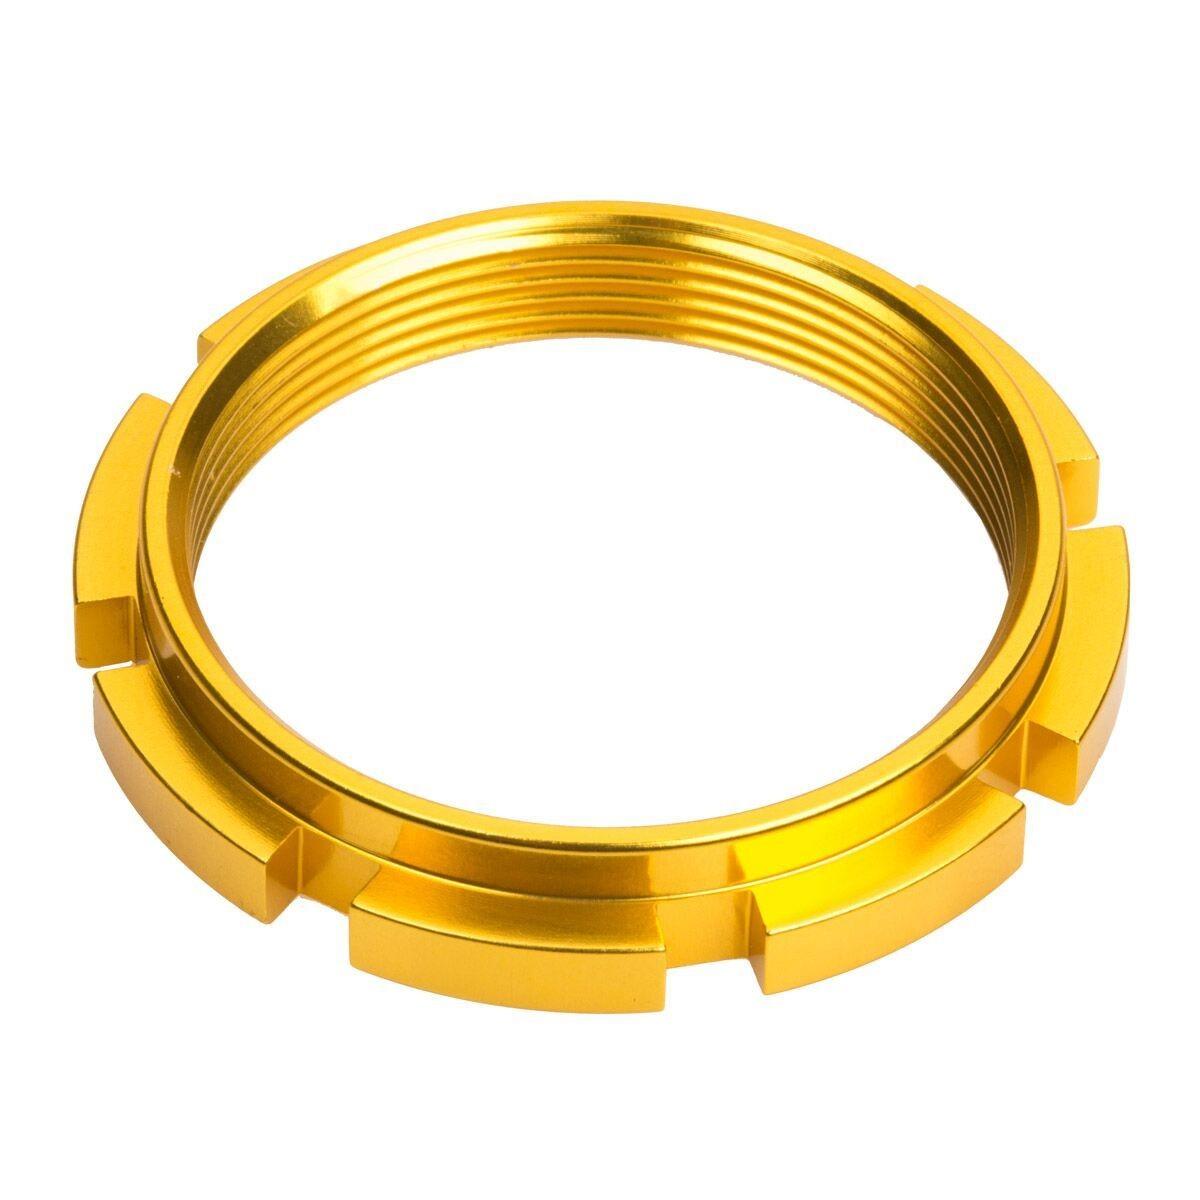 Box One Hub Lock Ring